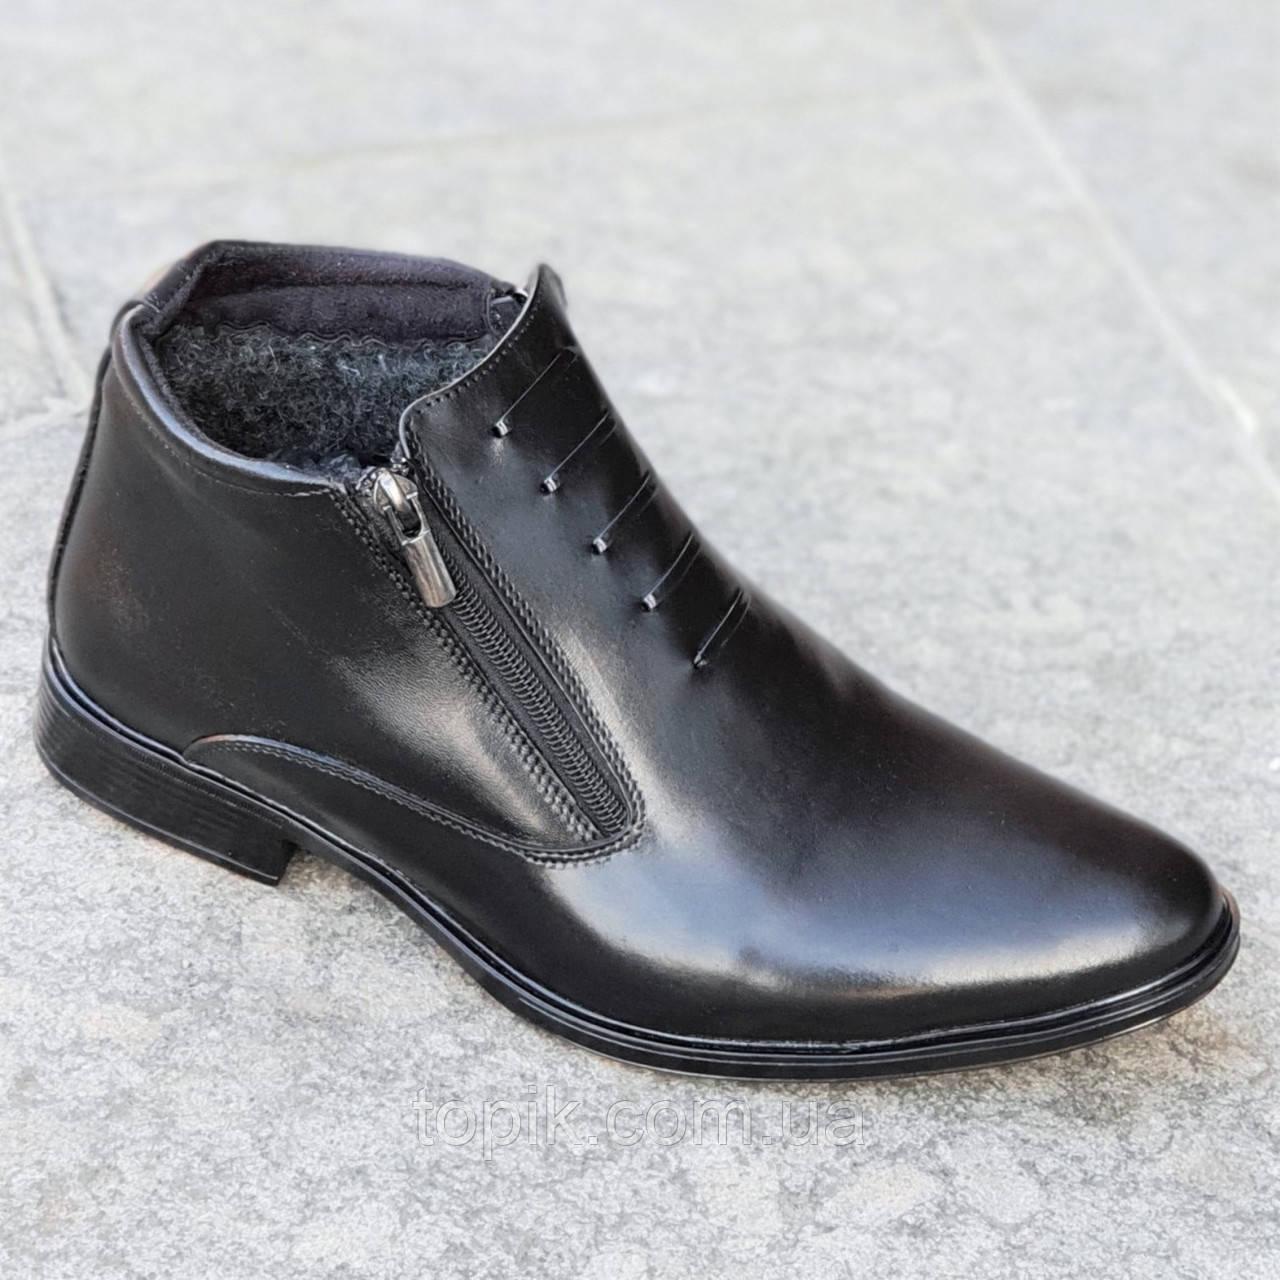 136834381 Мужские зимние классические мужские ботинки, полусапожки на молнии кожаные  черные с острым носком (Код